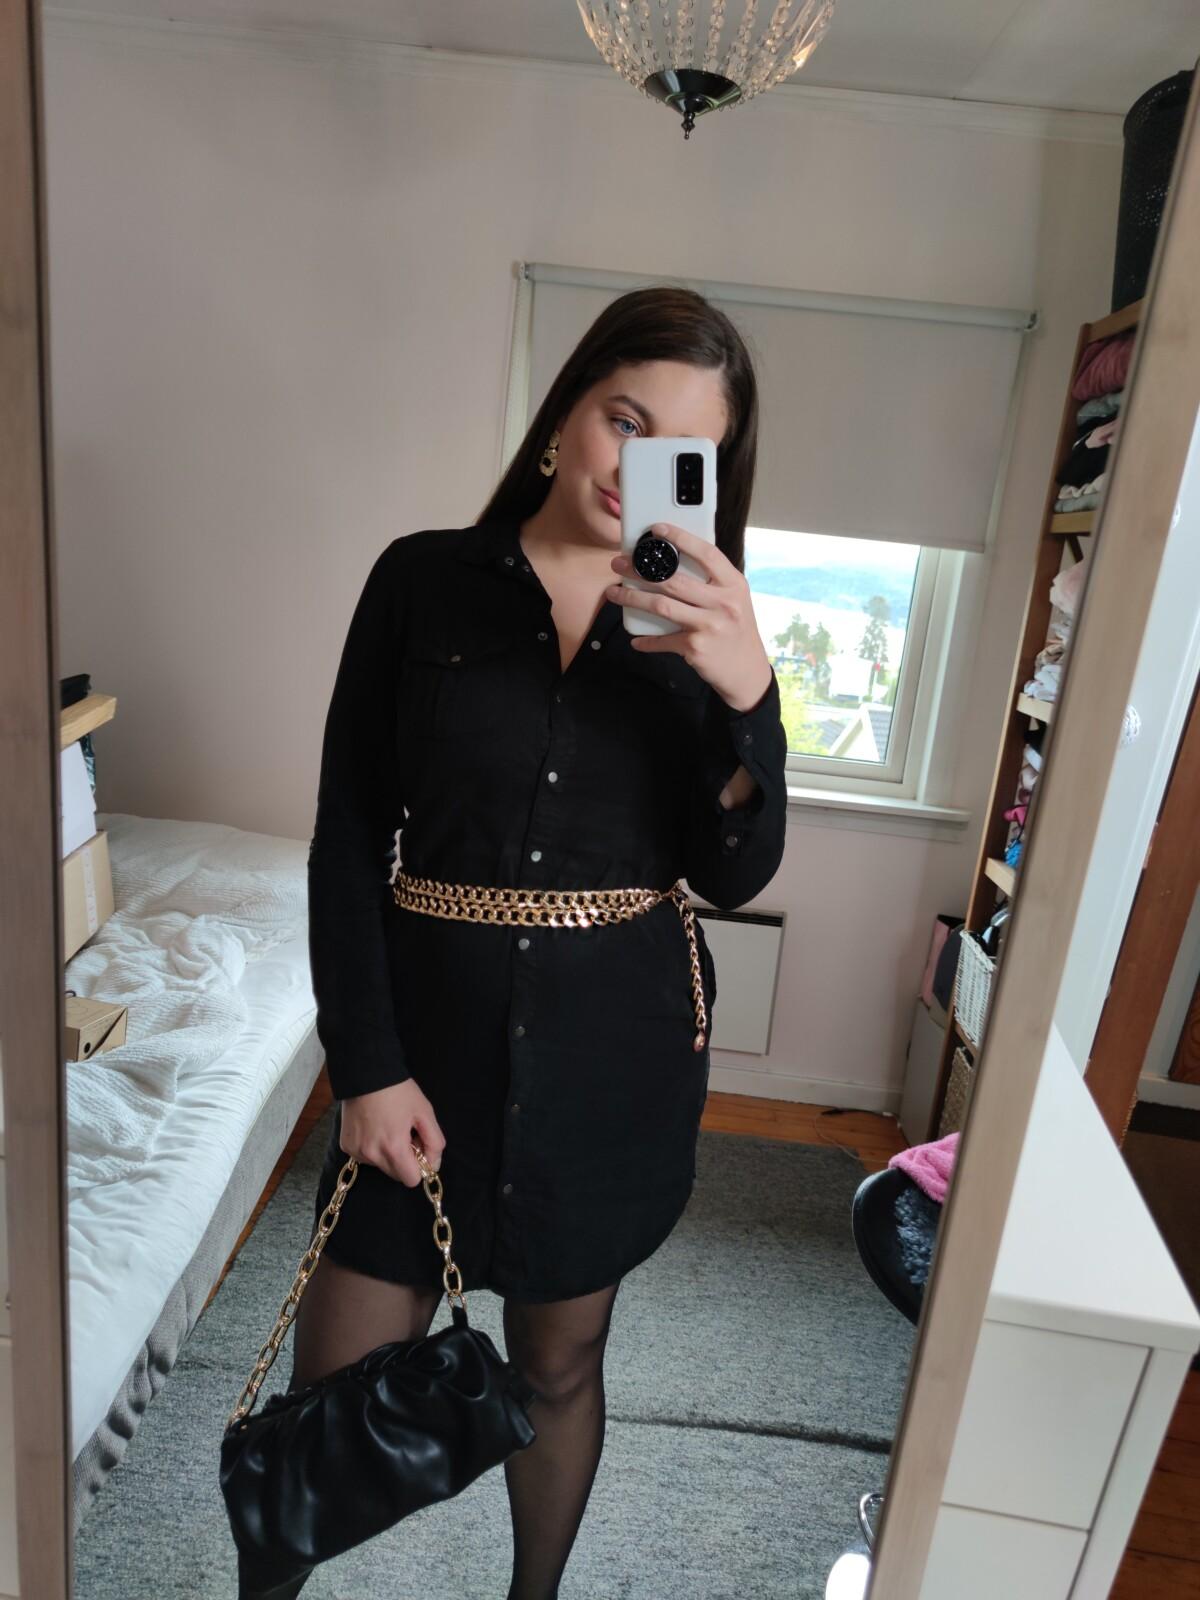 blogg-blogger-17mai-nasjonaldagen-norge-norsk-flagg-nasjonaldag-corona-min17mai-17maifeiring-pavolova-småretter-tapas-champagne-outfit-antrekk-look-17maiantrekk-isalicious-isalicious.blogg